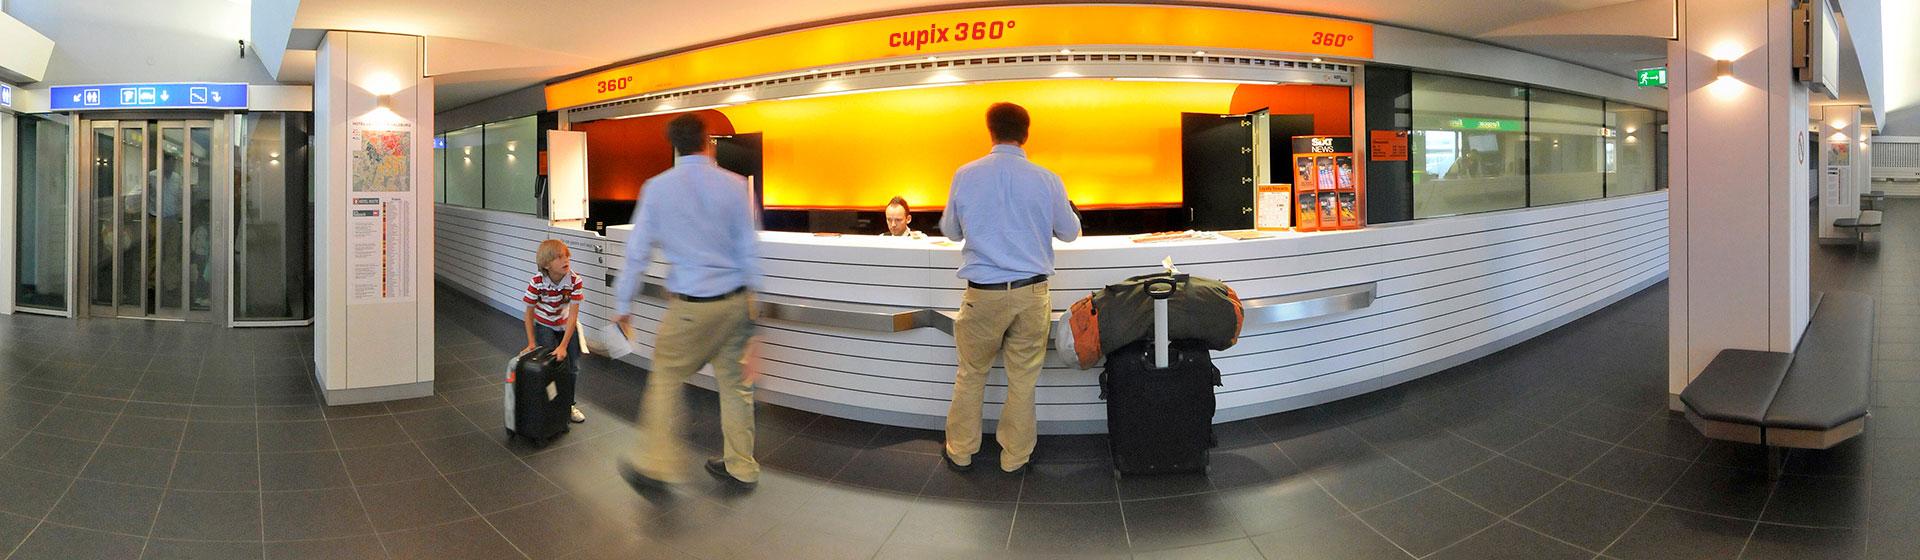 cupix 360° Leistungen